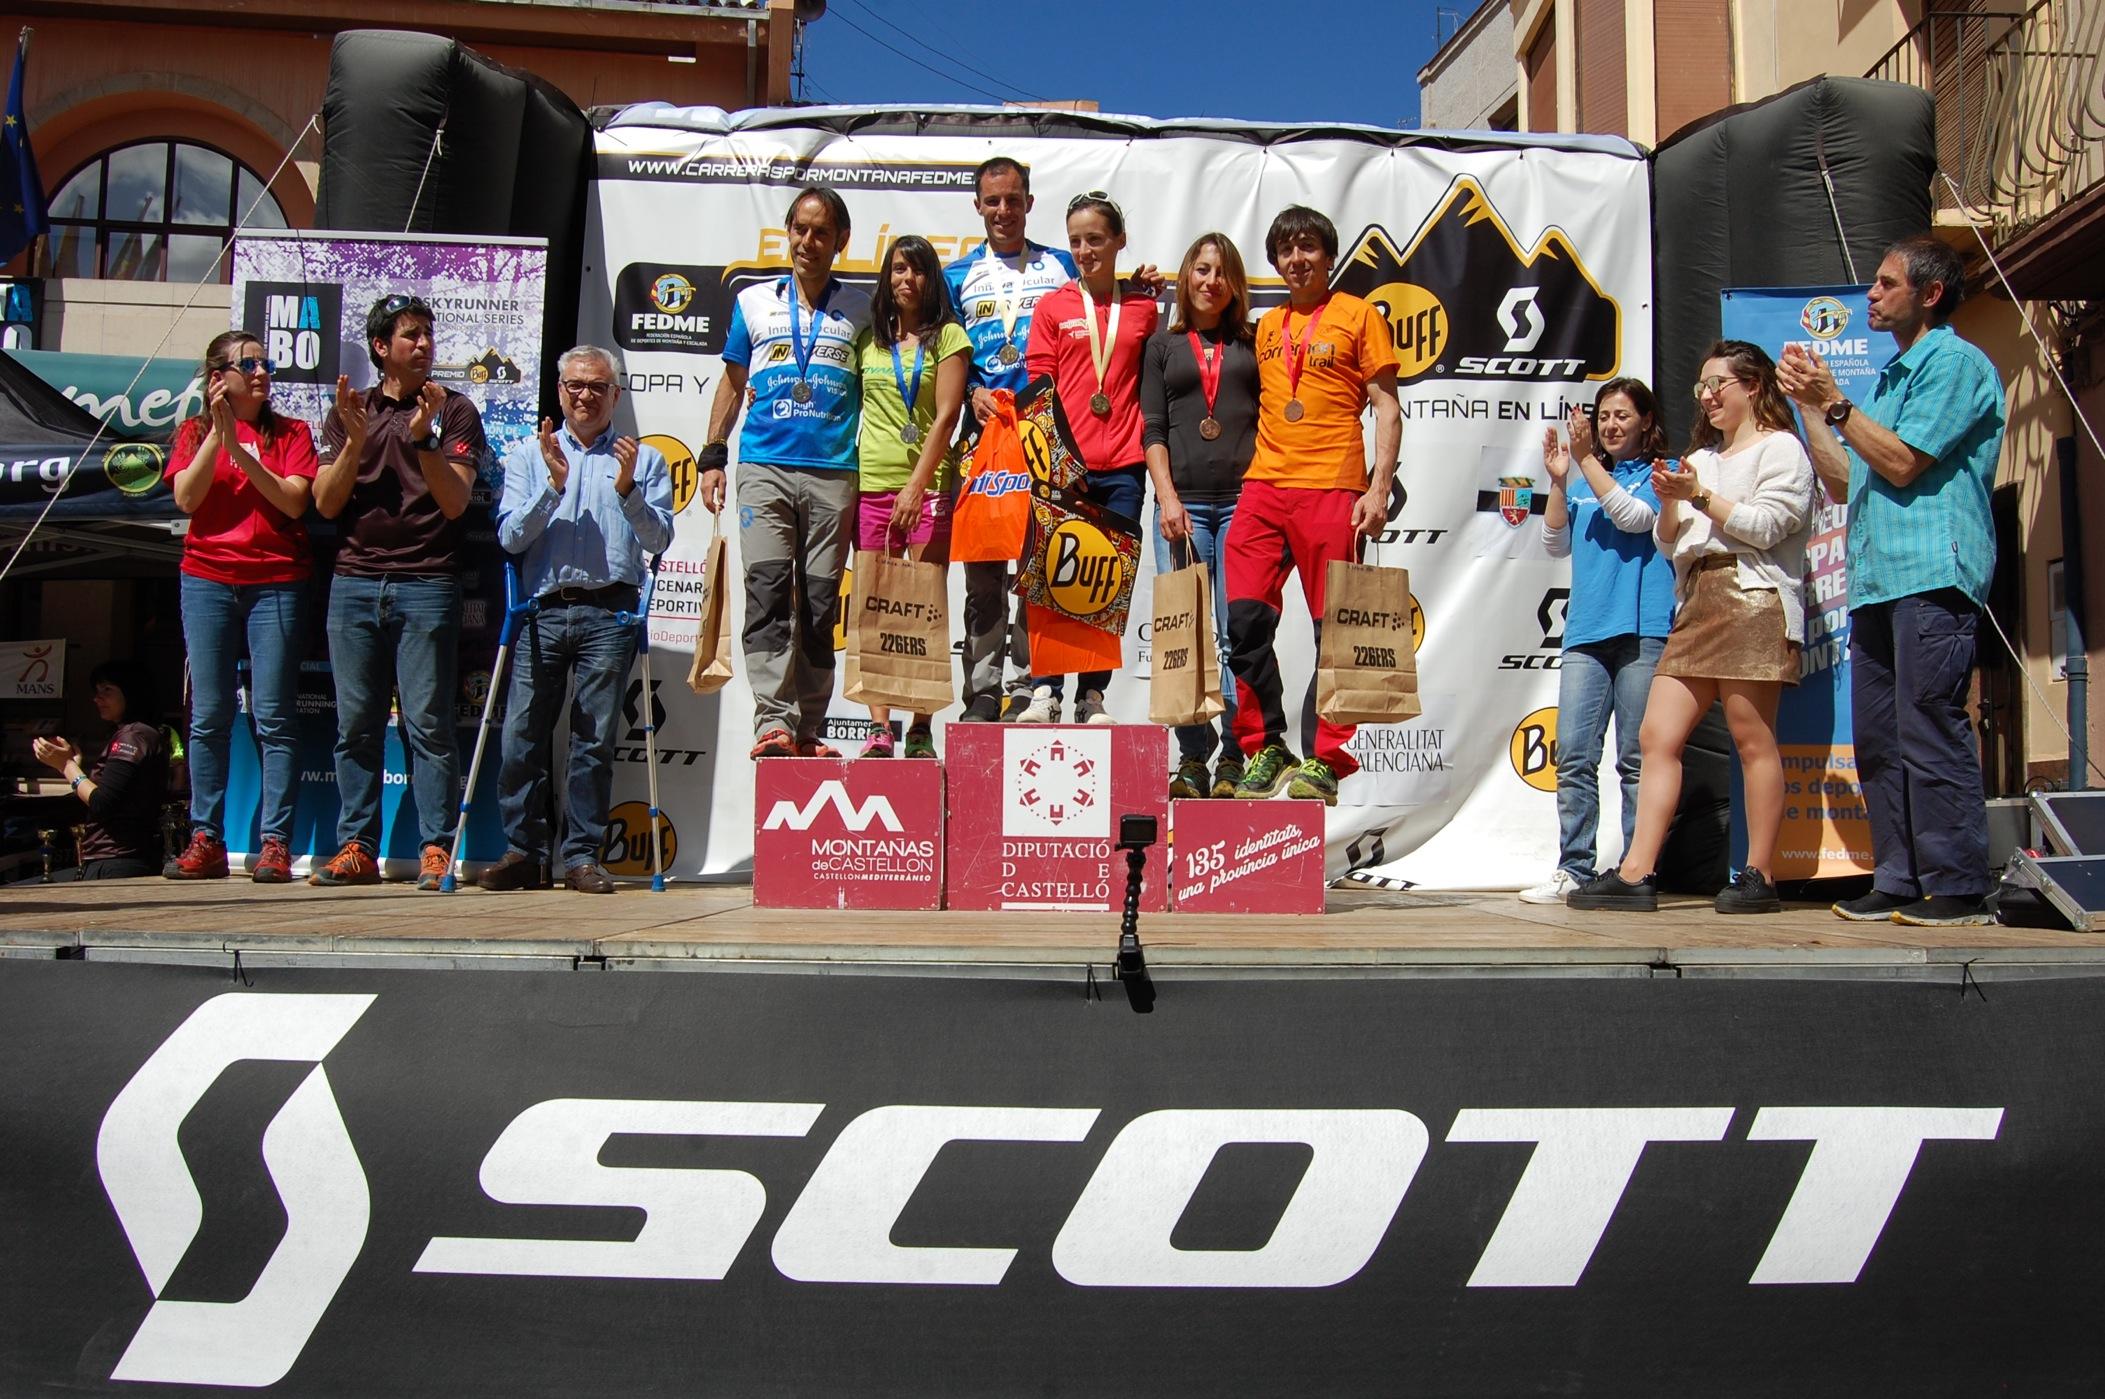 Dani García y Eli Gordón vencen en la Marató de Muntanya de Borriol  de la Copa de España de Carreras por Montaña en Línea FEDME - GP BUFF® SCOTT